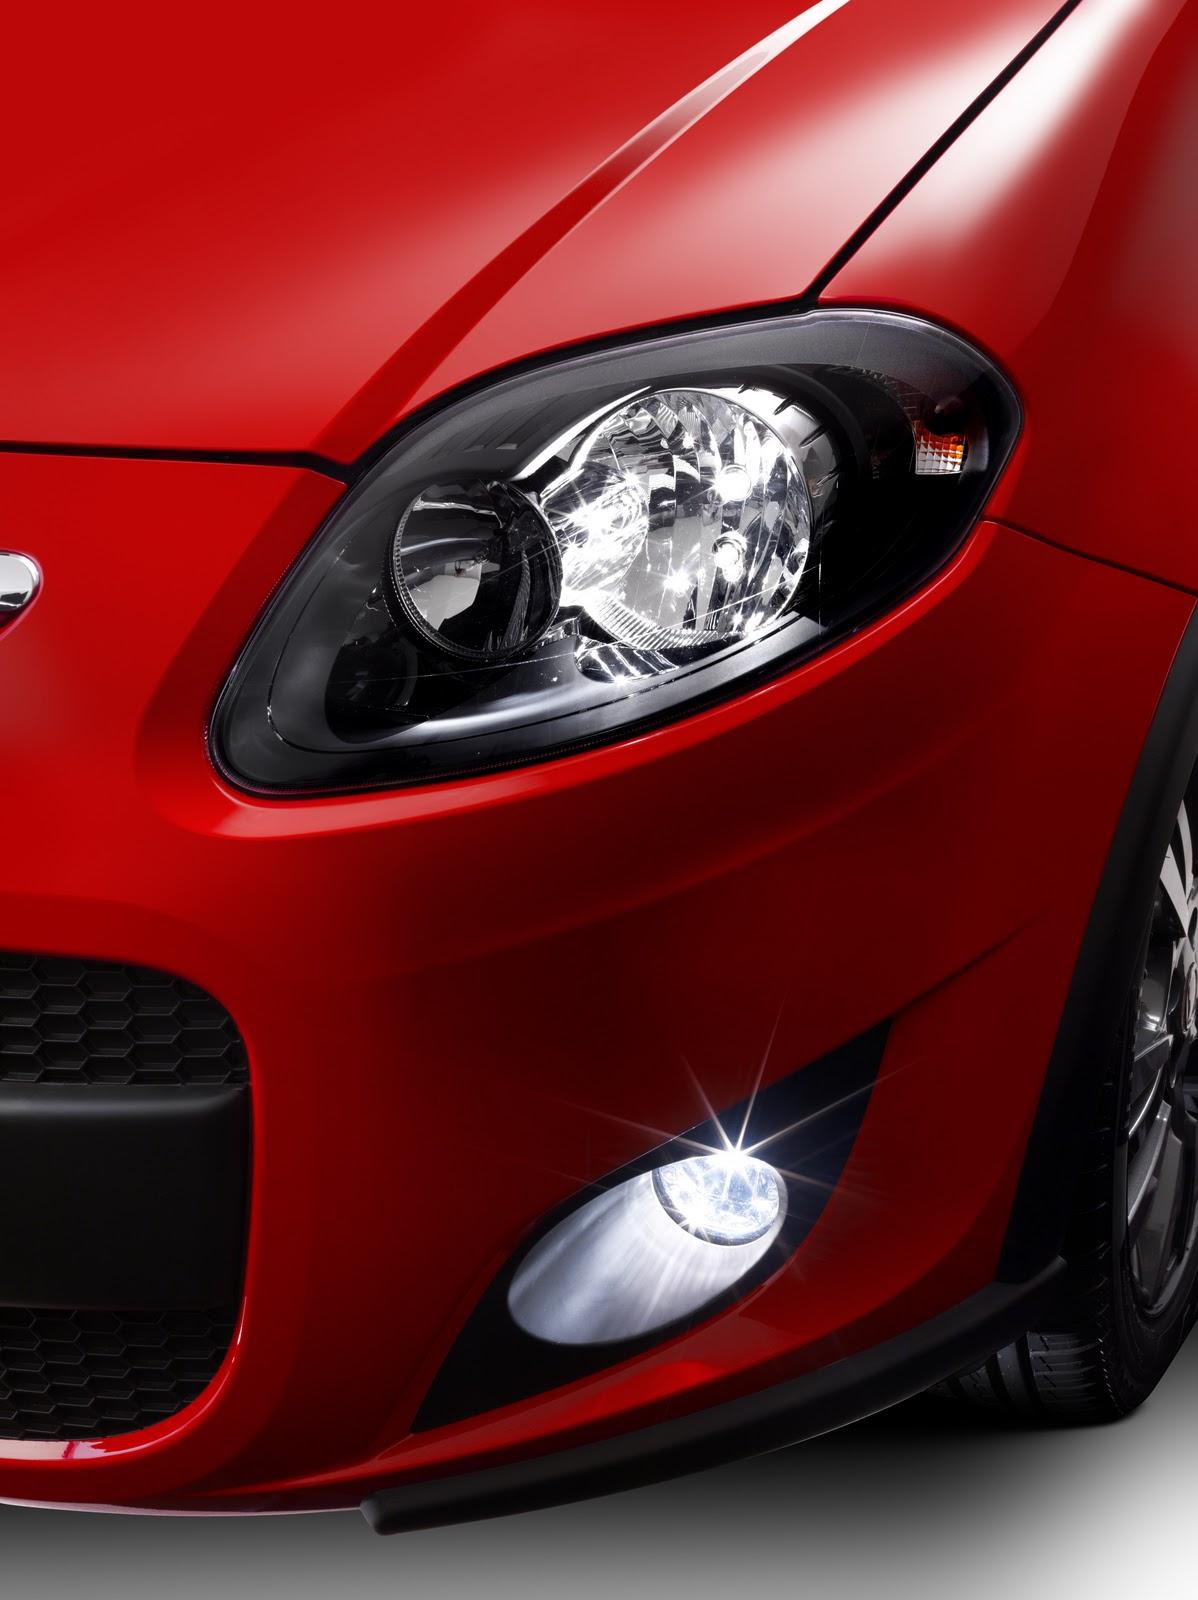 Maior, melhor, mais bonito: Chegou o Novo Palio na Carboni Fiat palio sporting 015